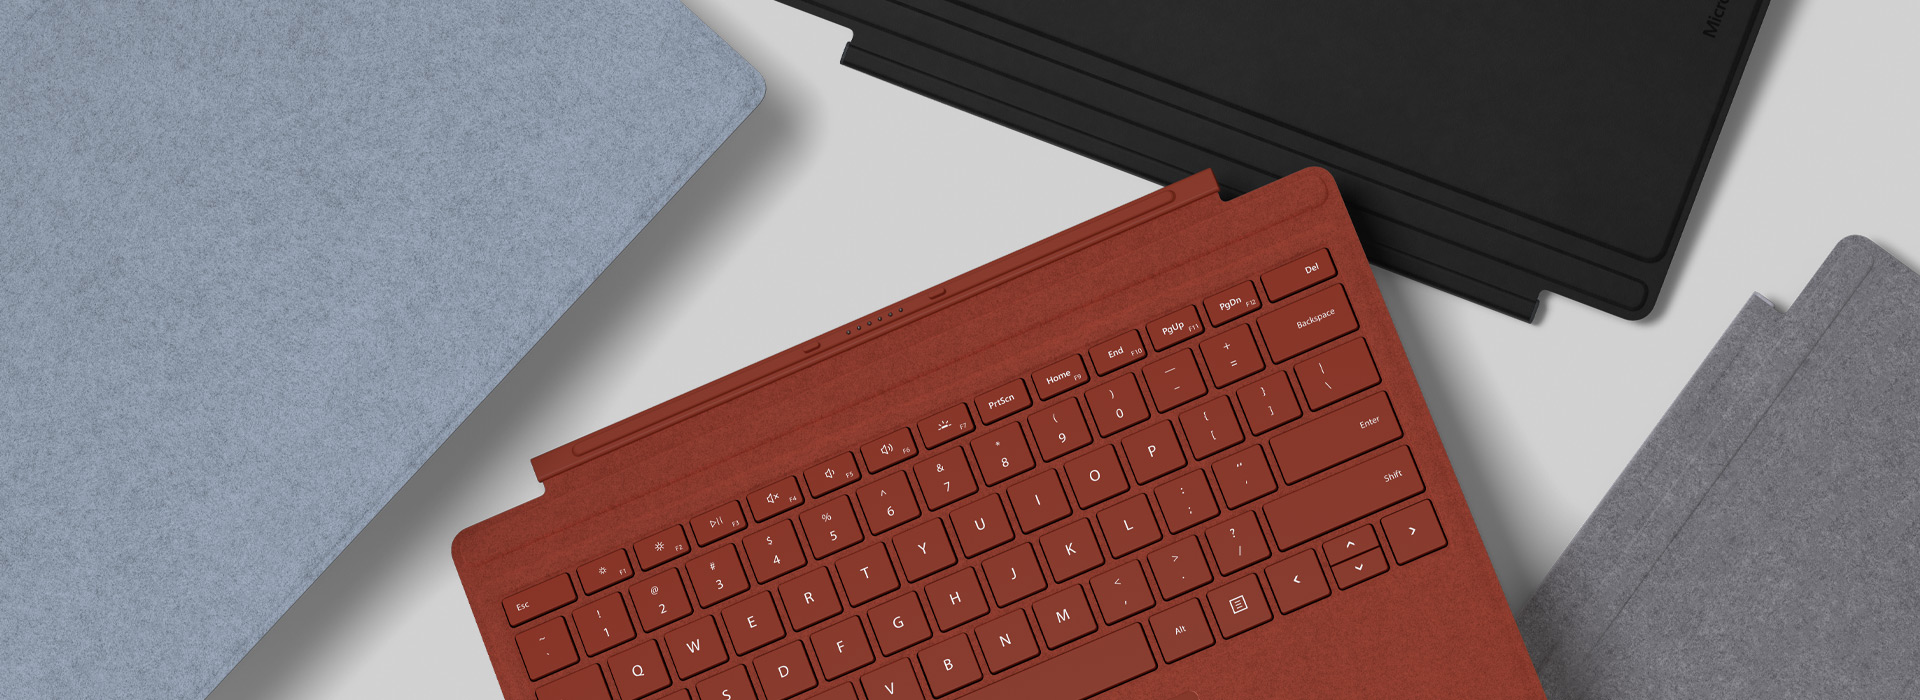 Un assortiment coloré de claviers Signature Type Cover pour Surface Pro